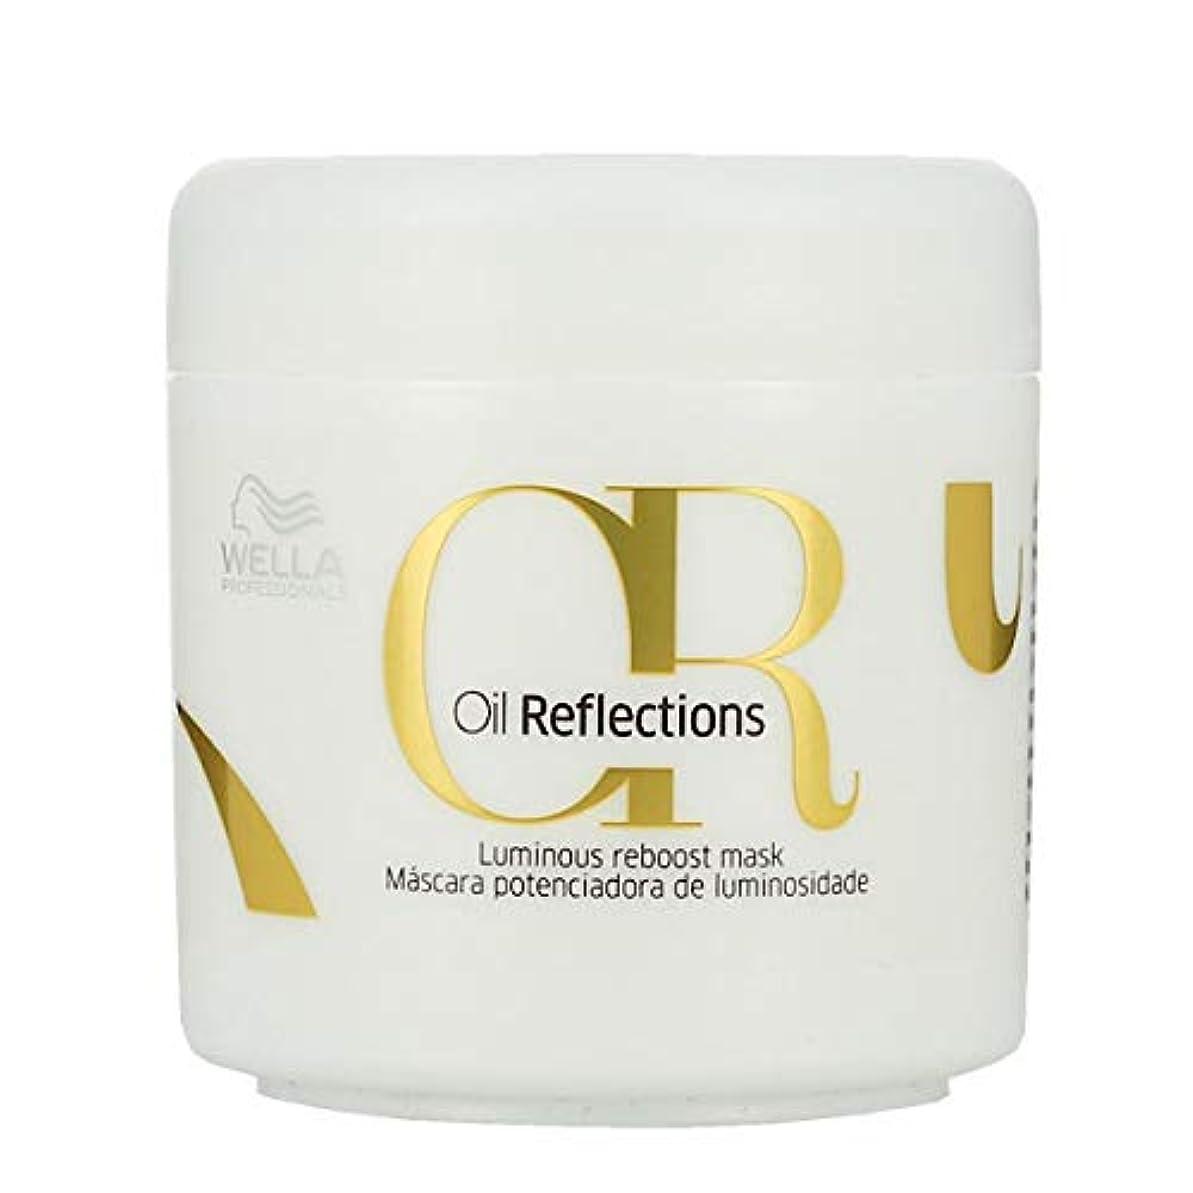 豊富にしなければならない隙間Wella Professionals Oil Reflections Luminous Reboost Mask ウエラ オイルリフレクション マスク 150 ml [並行輸入品]